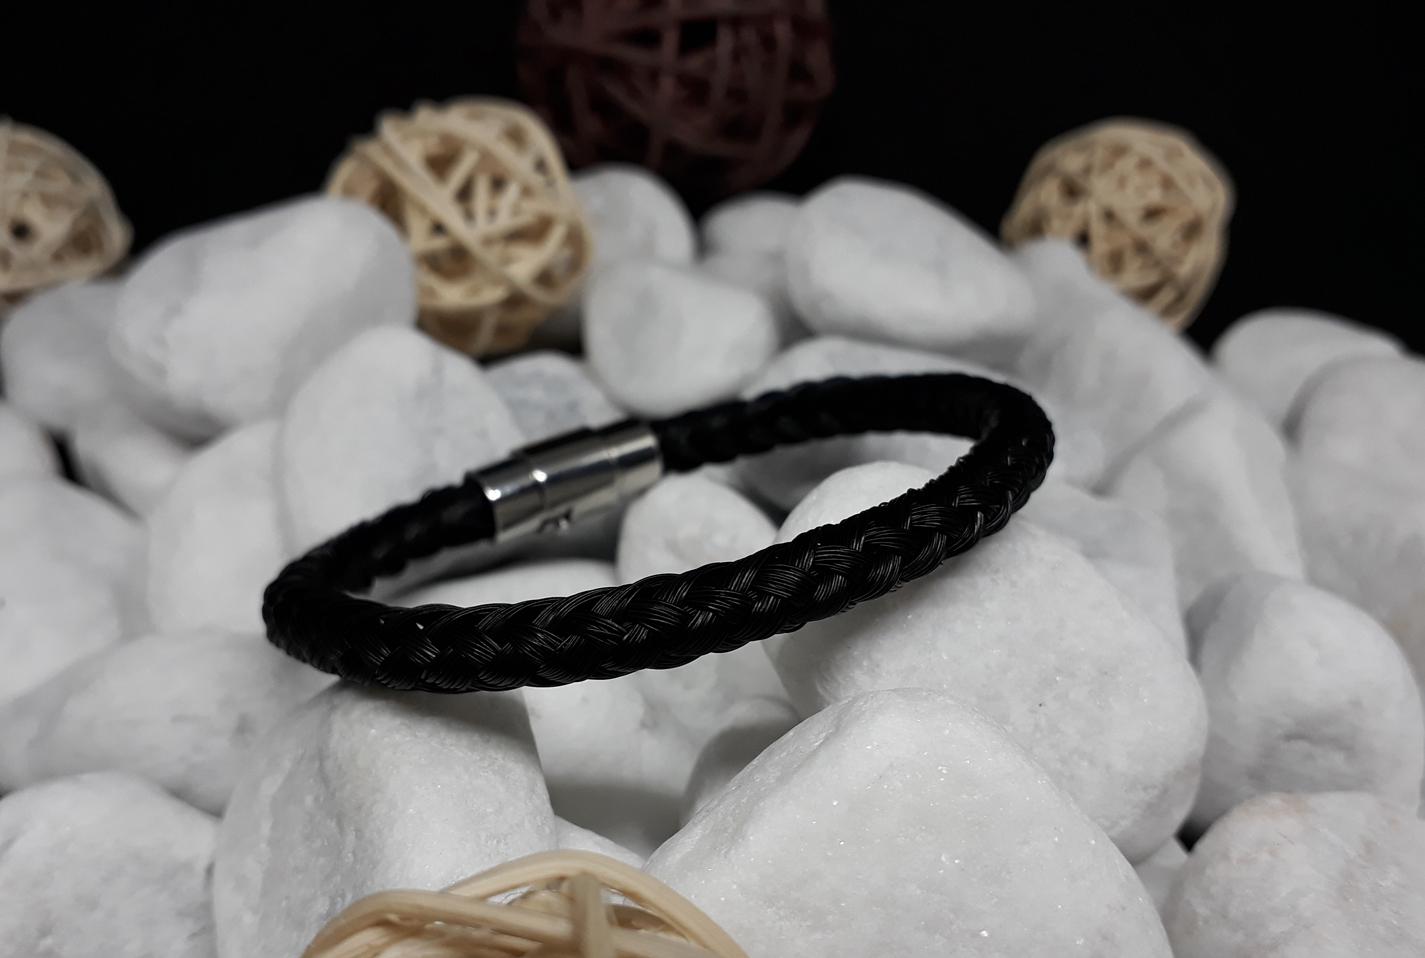 R8-schwarz: Rund geflochtenes Pferdehaar-Armband aus 8 schwarzen Strängen, mit Edelstahl-Bajonettverschluss - Preis: 54 Euro